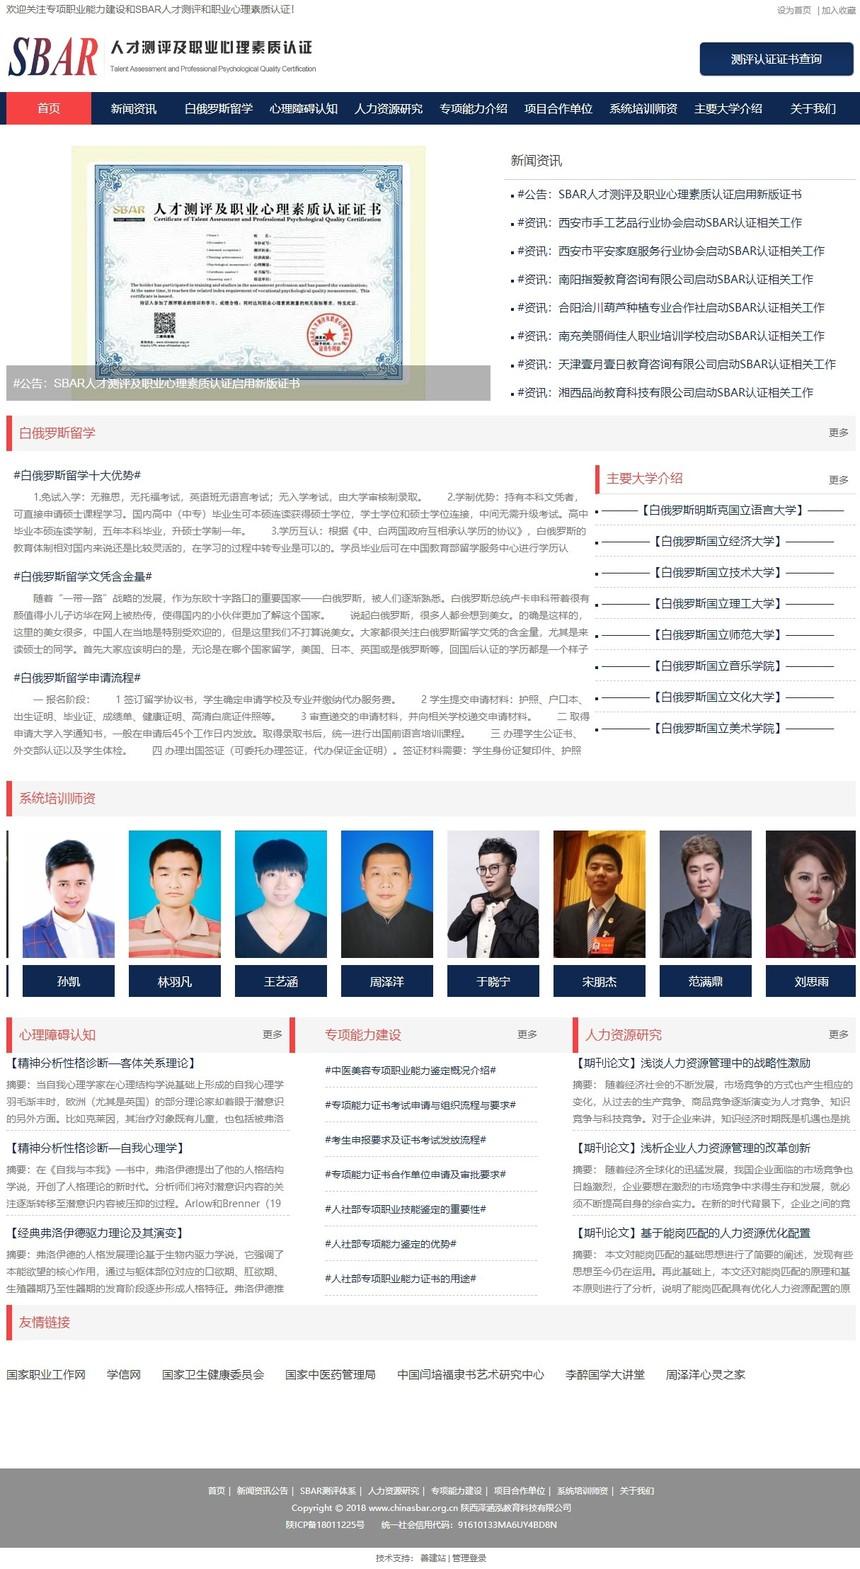 SBAR人才测评及职业心理素质认证-陕西百年人力资源管理有限公司.jpg